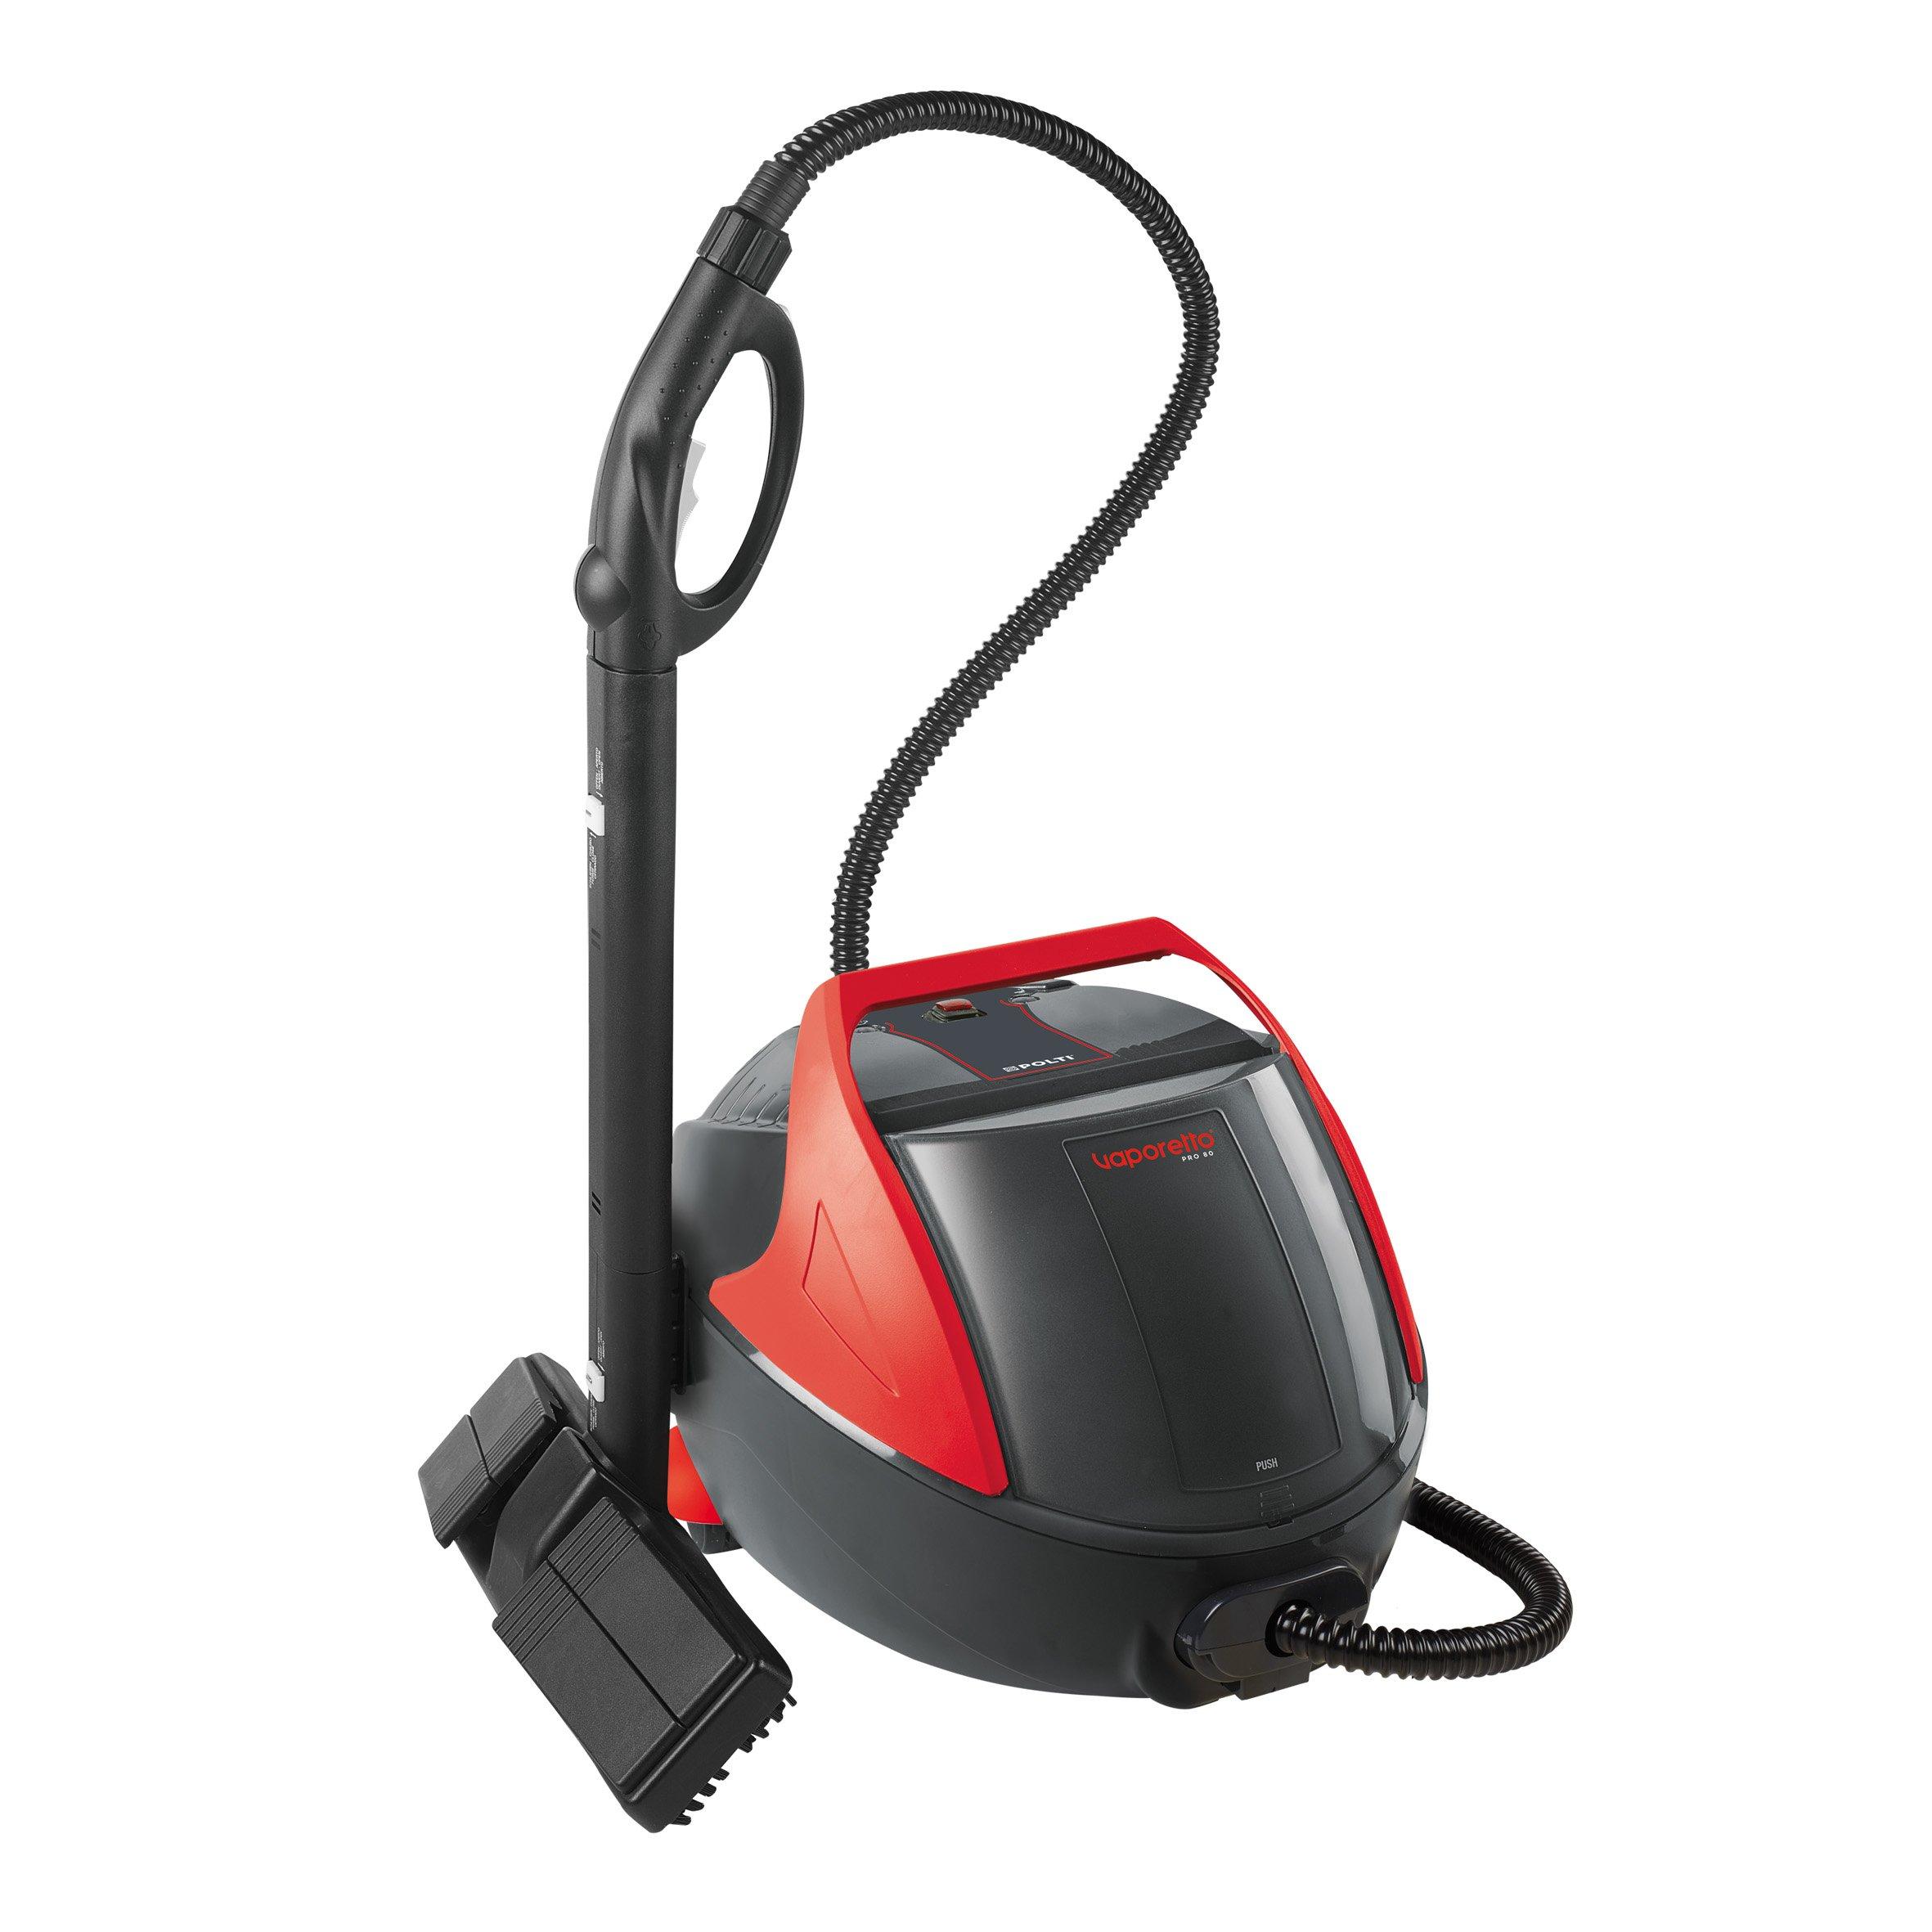 POLTI-PTEU0262-Vaporetto-Pro-80-Dampfreiniger-mit-stndiger-Nachfllbarkeit-1100-Watt-45-Bar-rot